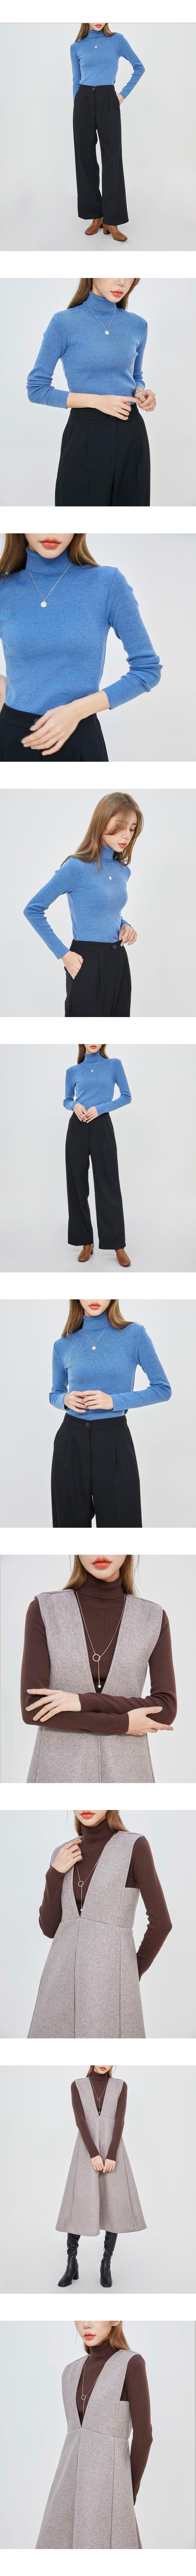 Lopi Turtleneck Knitwear